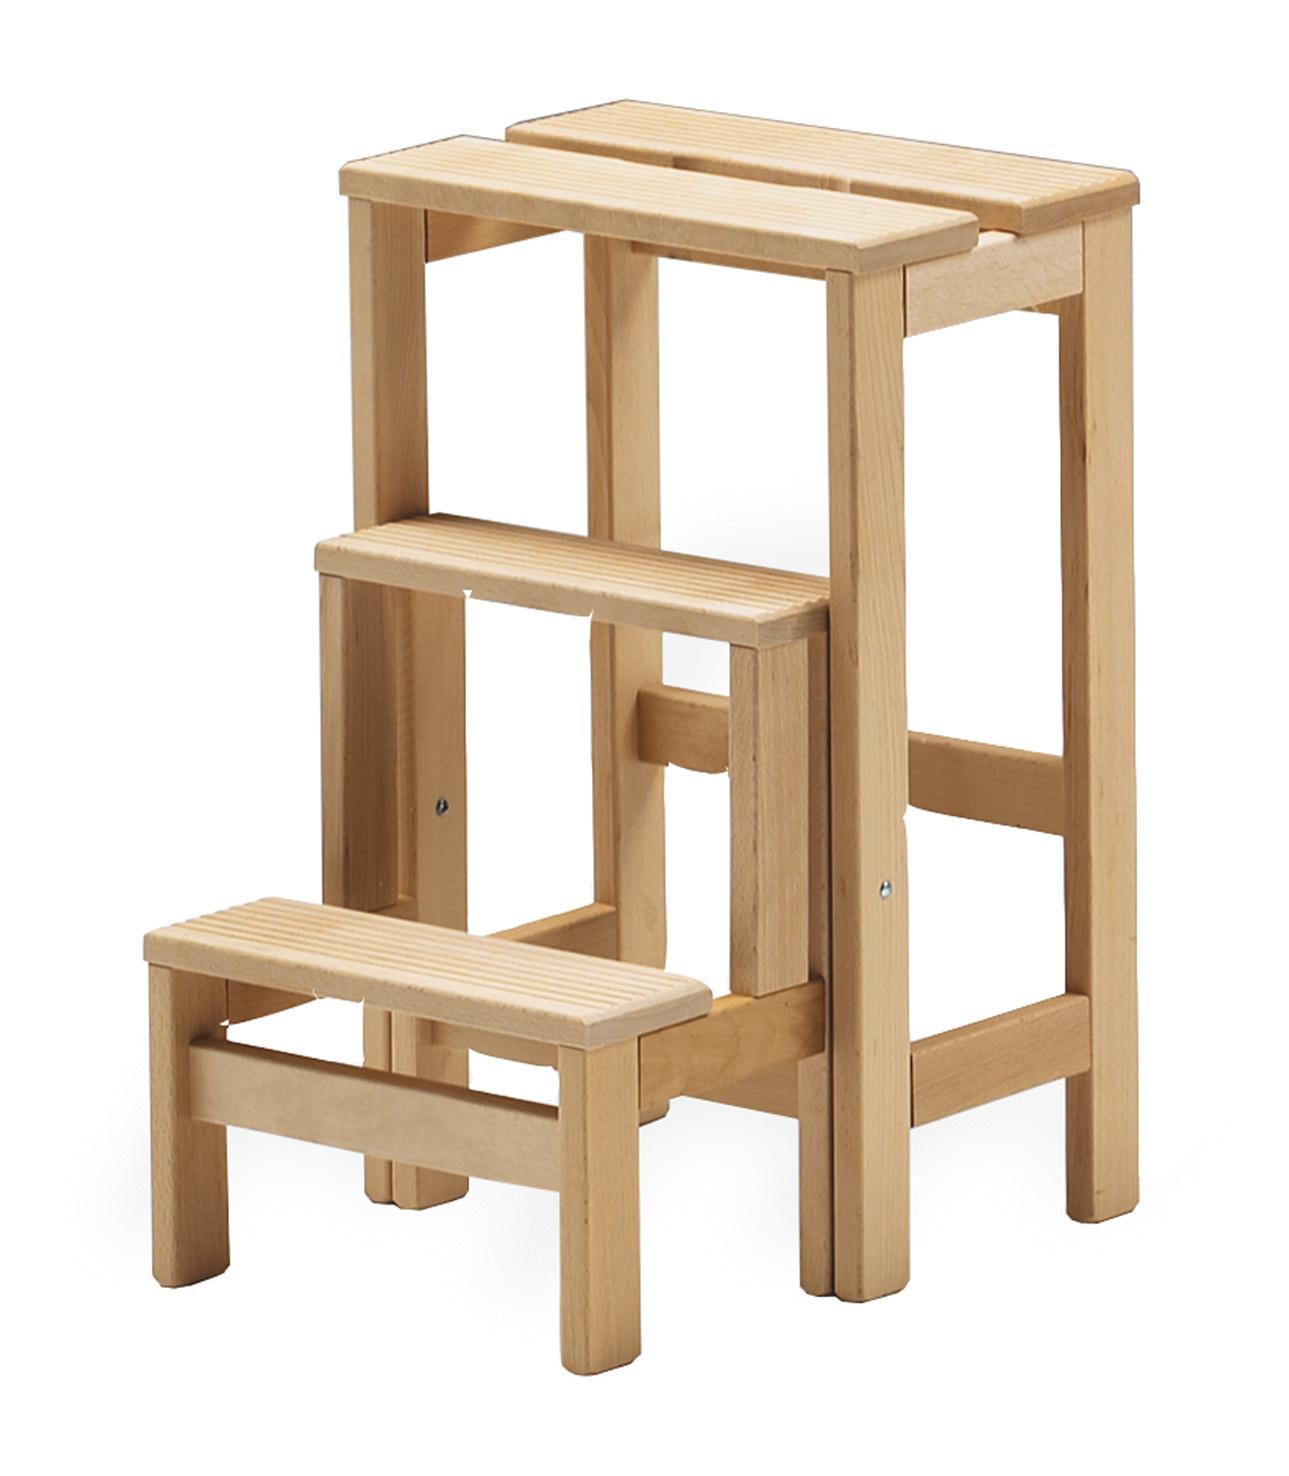 Taburete escalera decora descans complementos mueble hogar - Fabricar escalera de madera ...